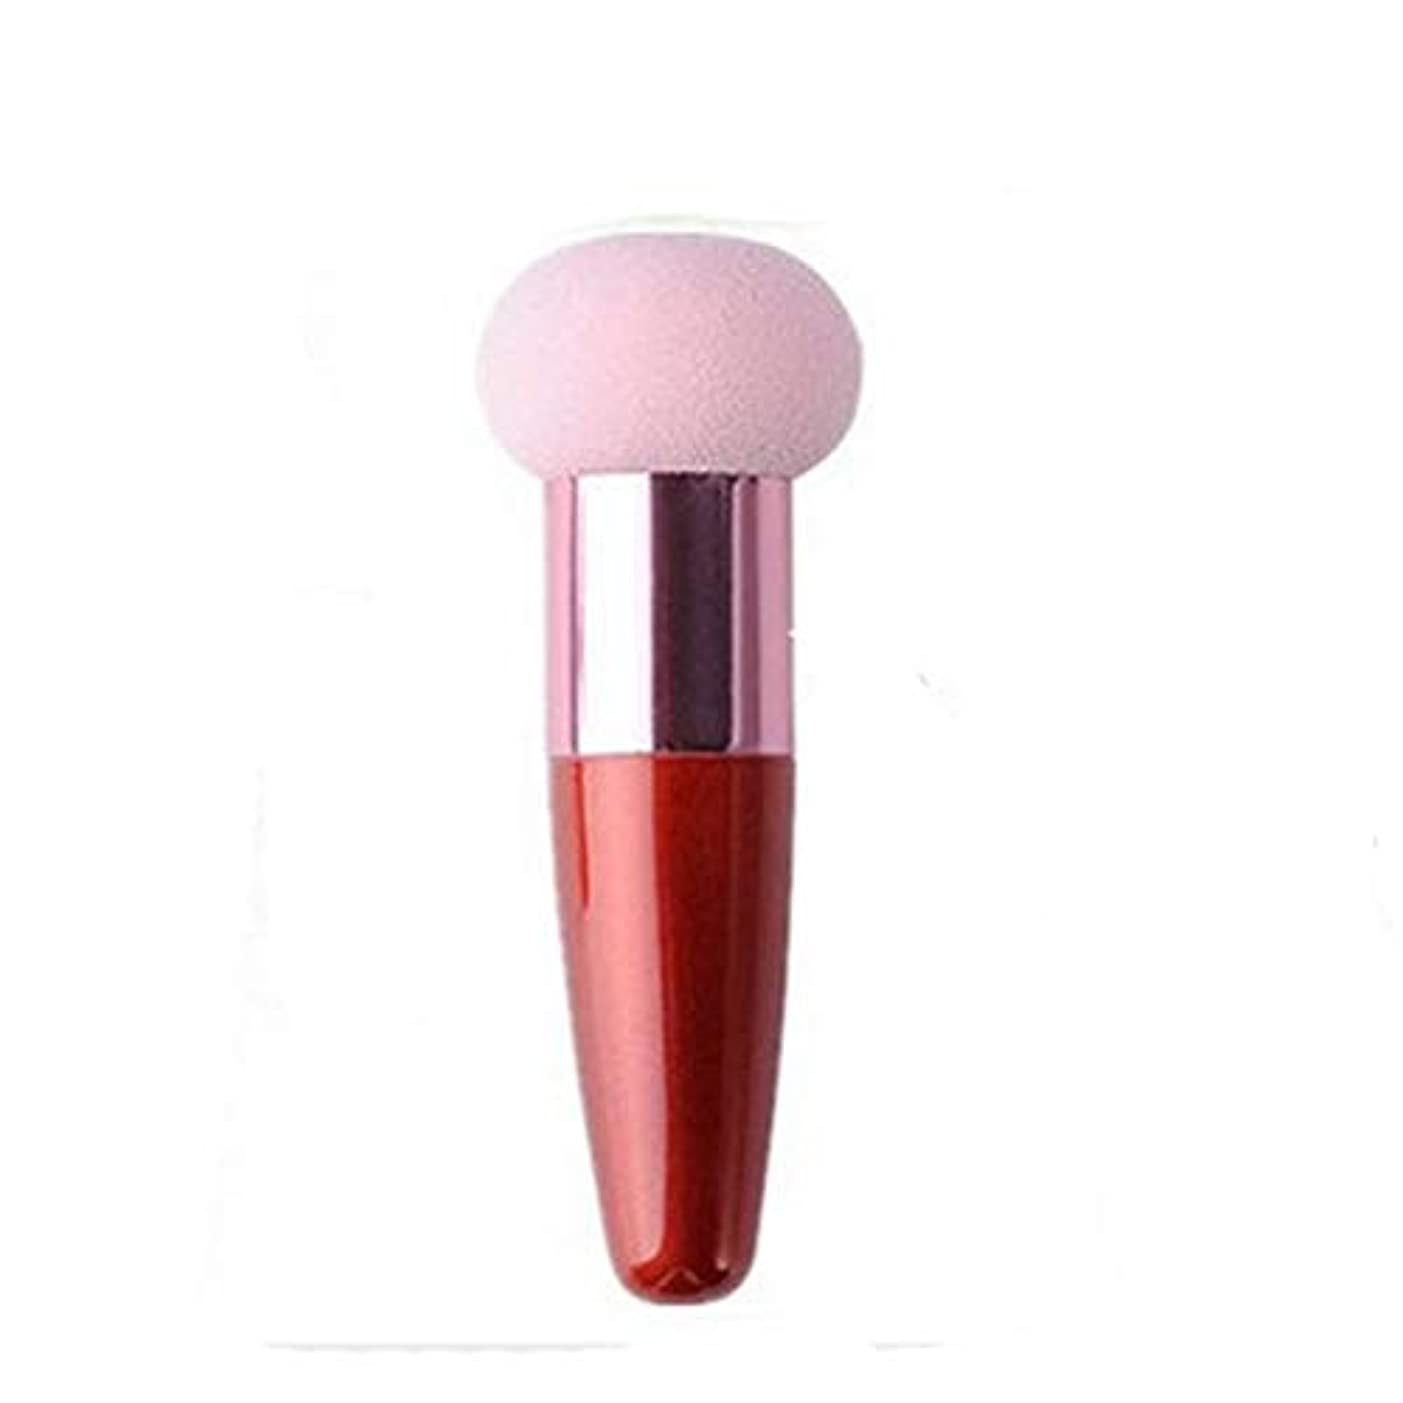 はぁシリンダーわずらわしいKuke メイク用 化粧パフ スポンジ ブラシ 乾湿兼用 メイクアップスポンジ 女性用 パウダーパフ メイクアップ 化粧ツール 美容ツール ファンデーションパフ size 9cm (Pink)